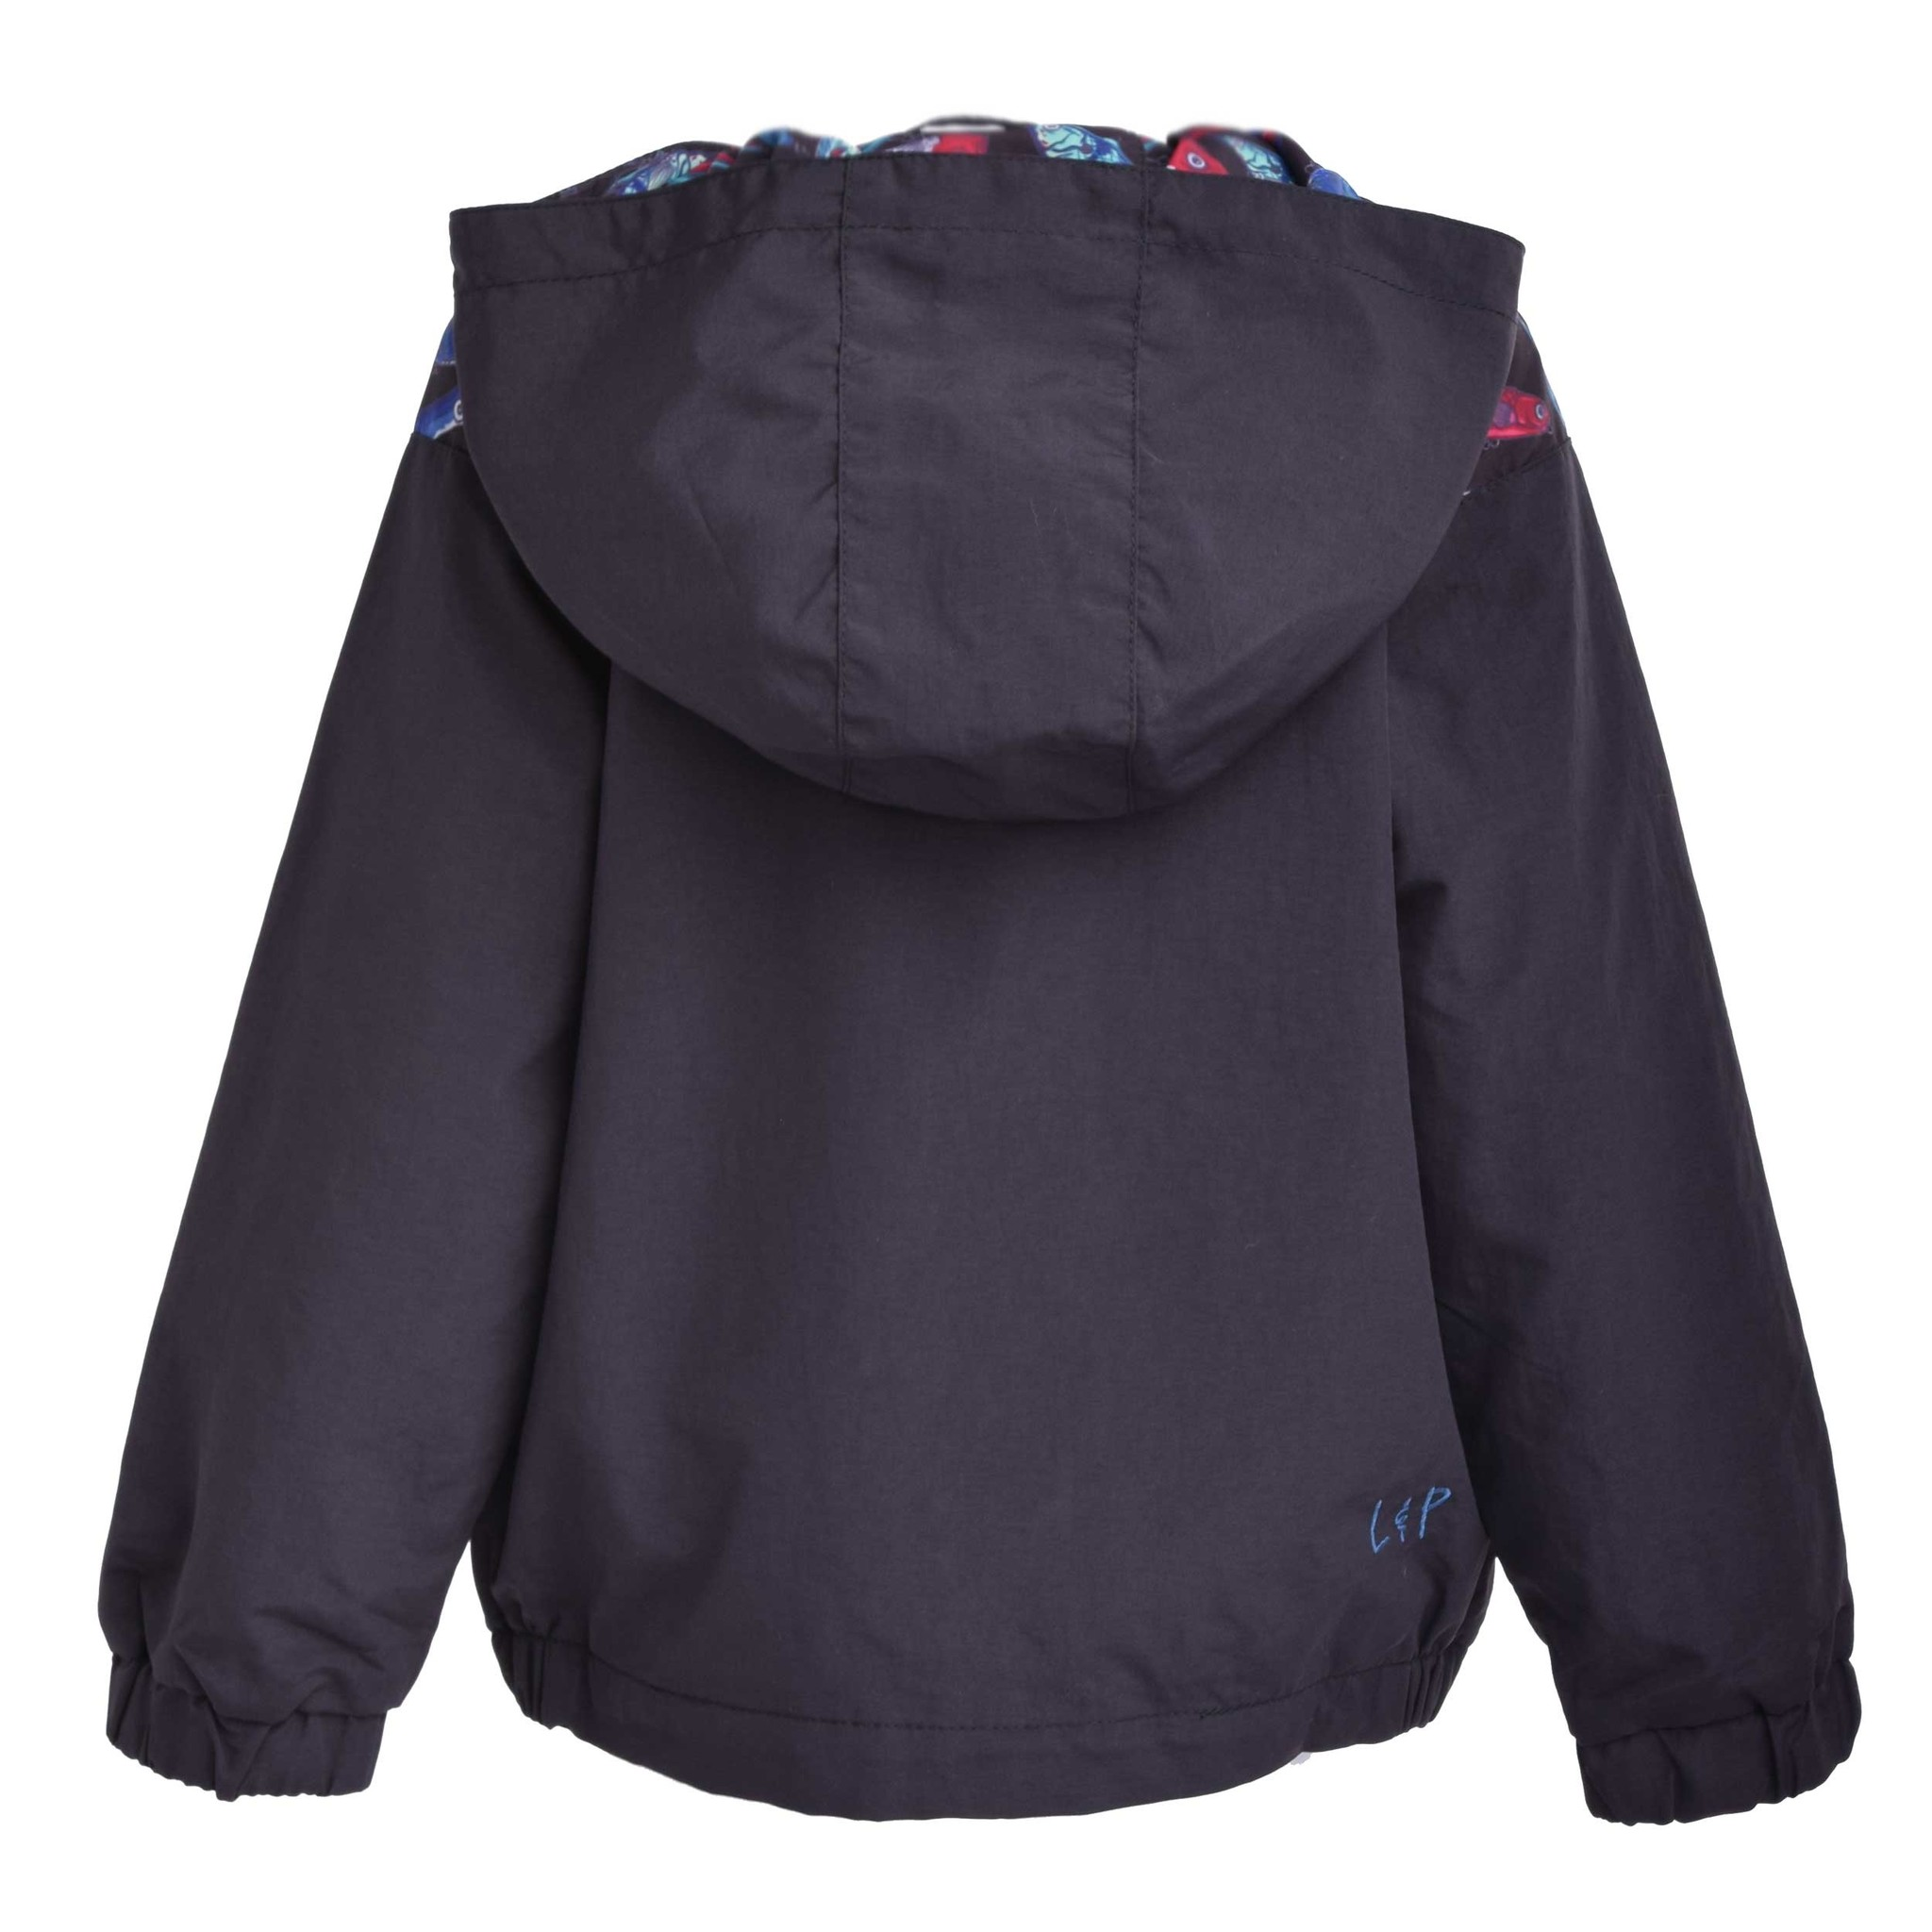 Manteau d'extérieur mi-saison - FISH 2.0-3